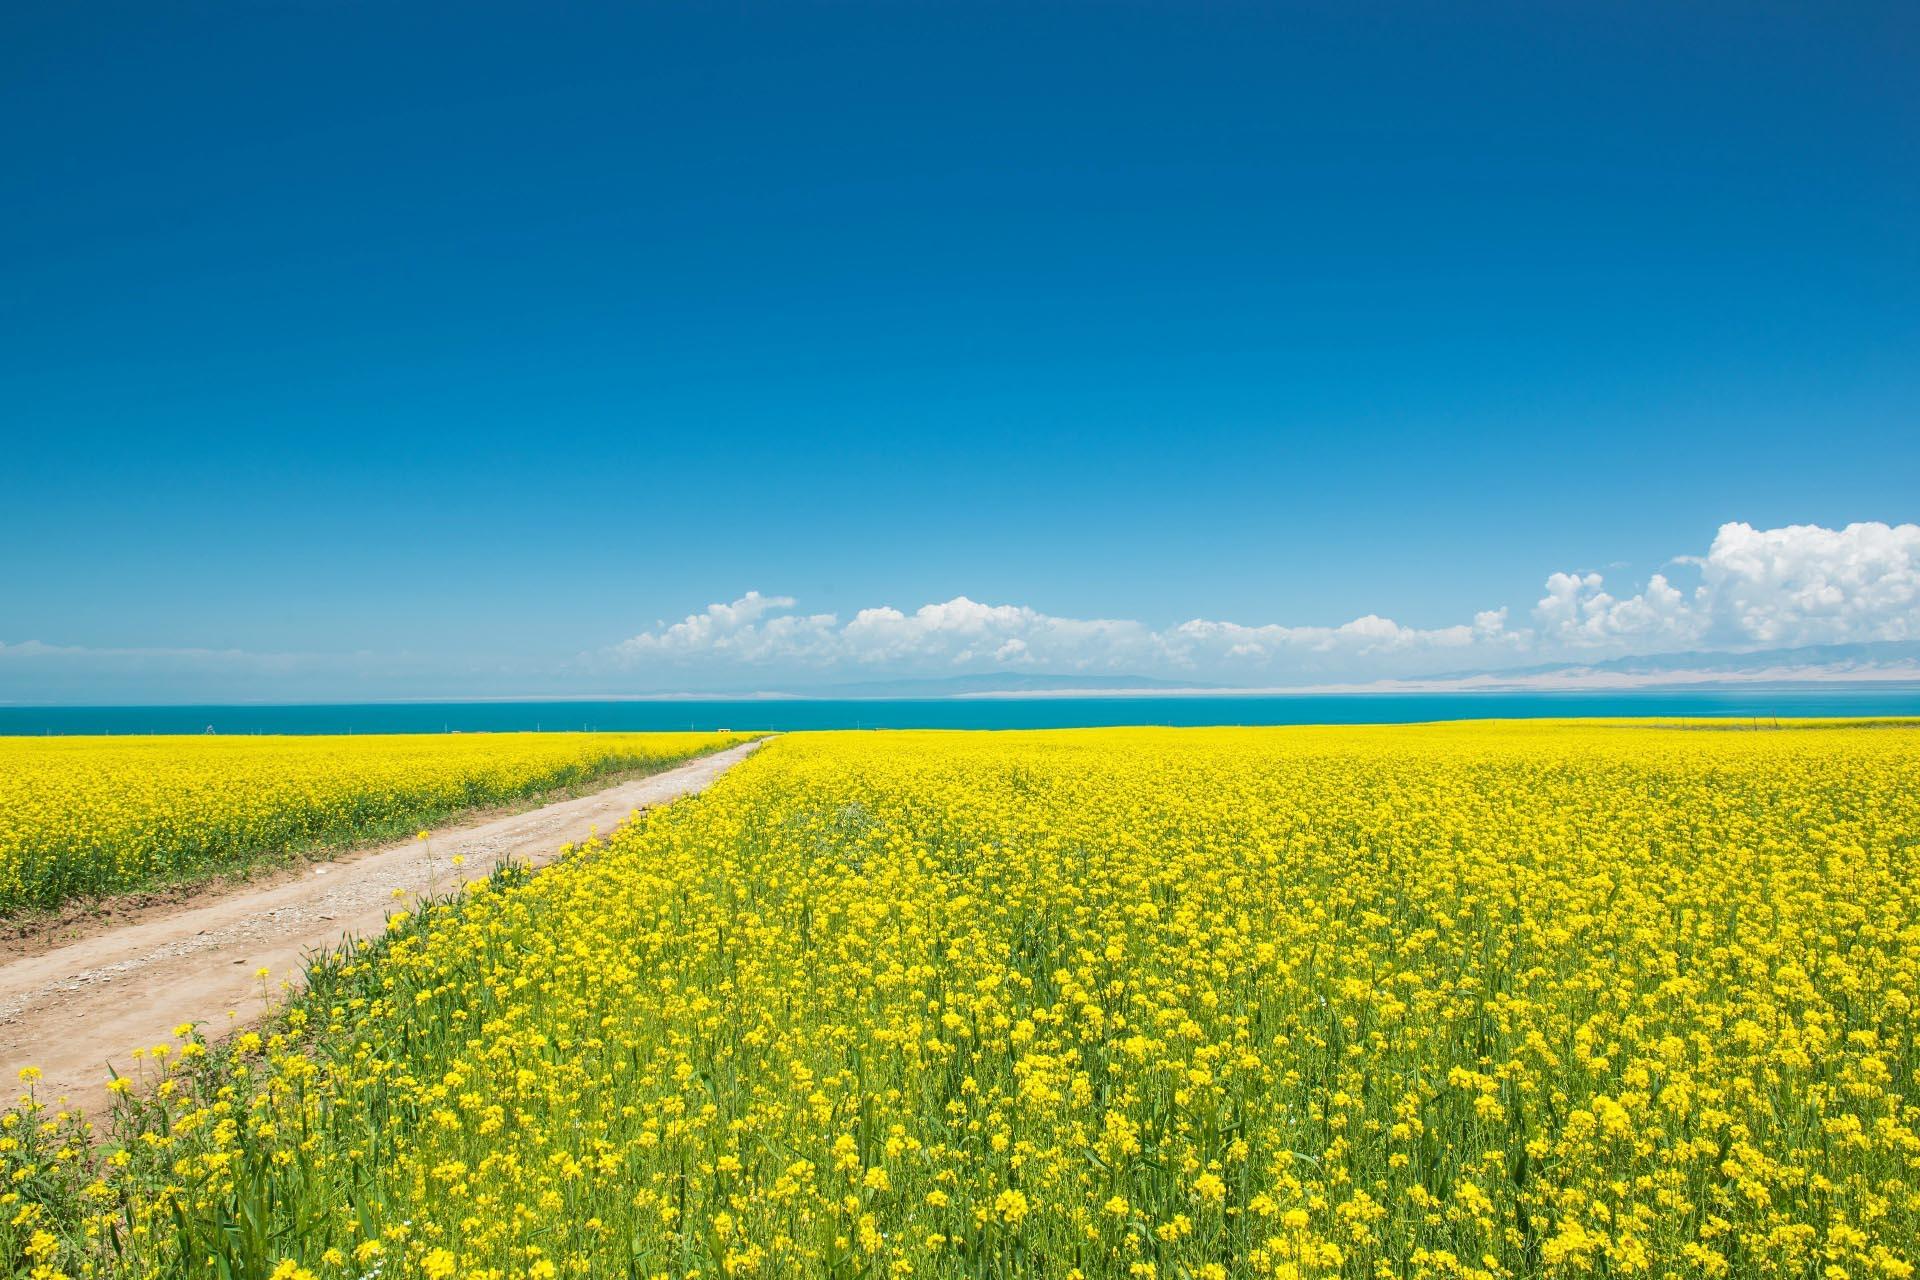 青海省 青海高原の菜の花の風景 中国の風景